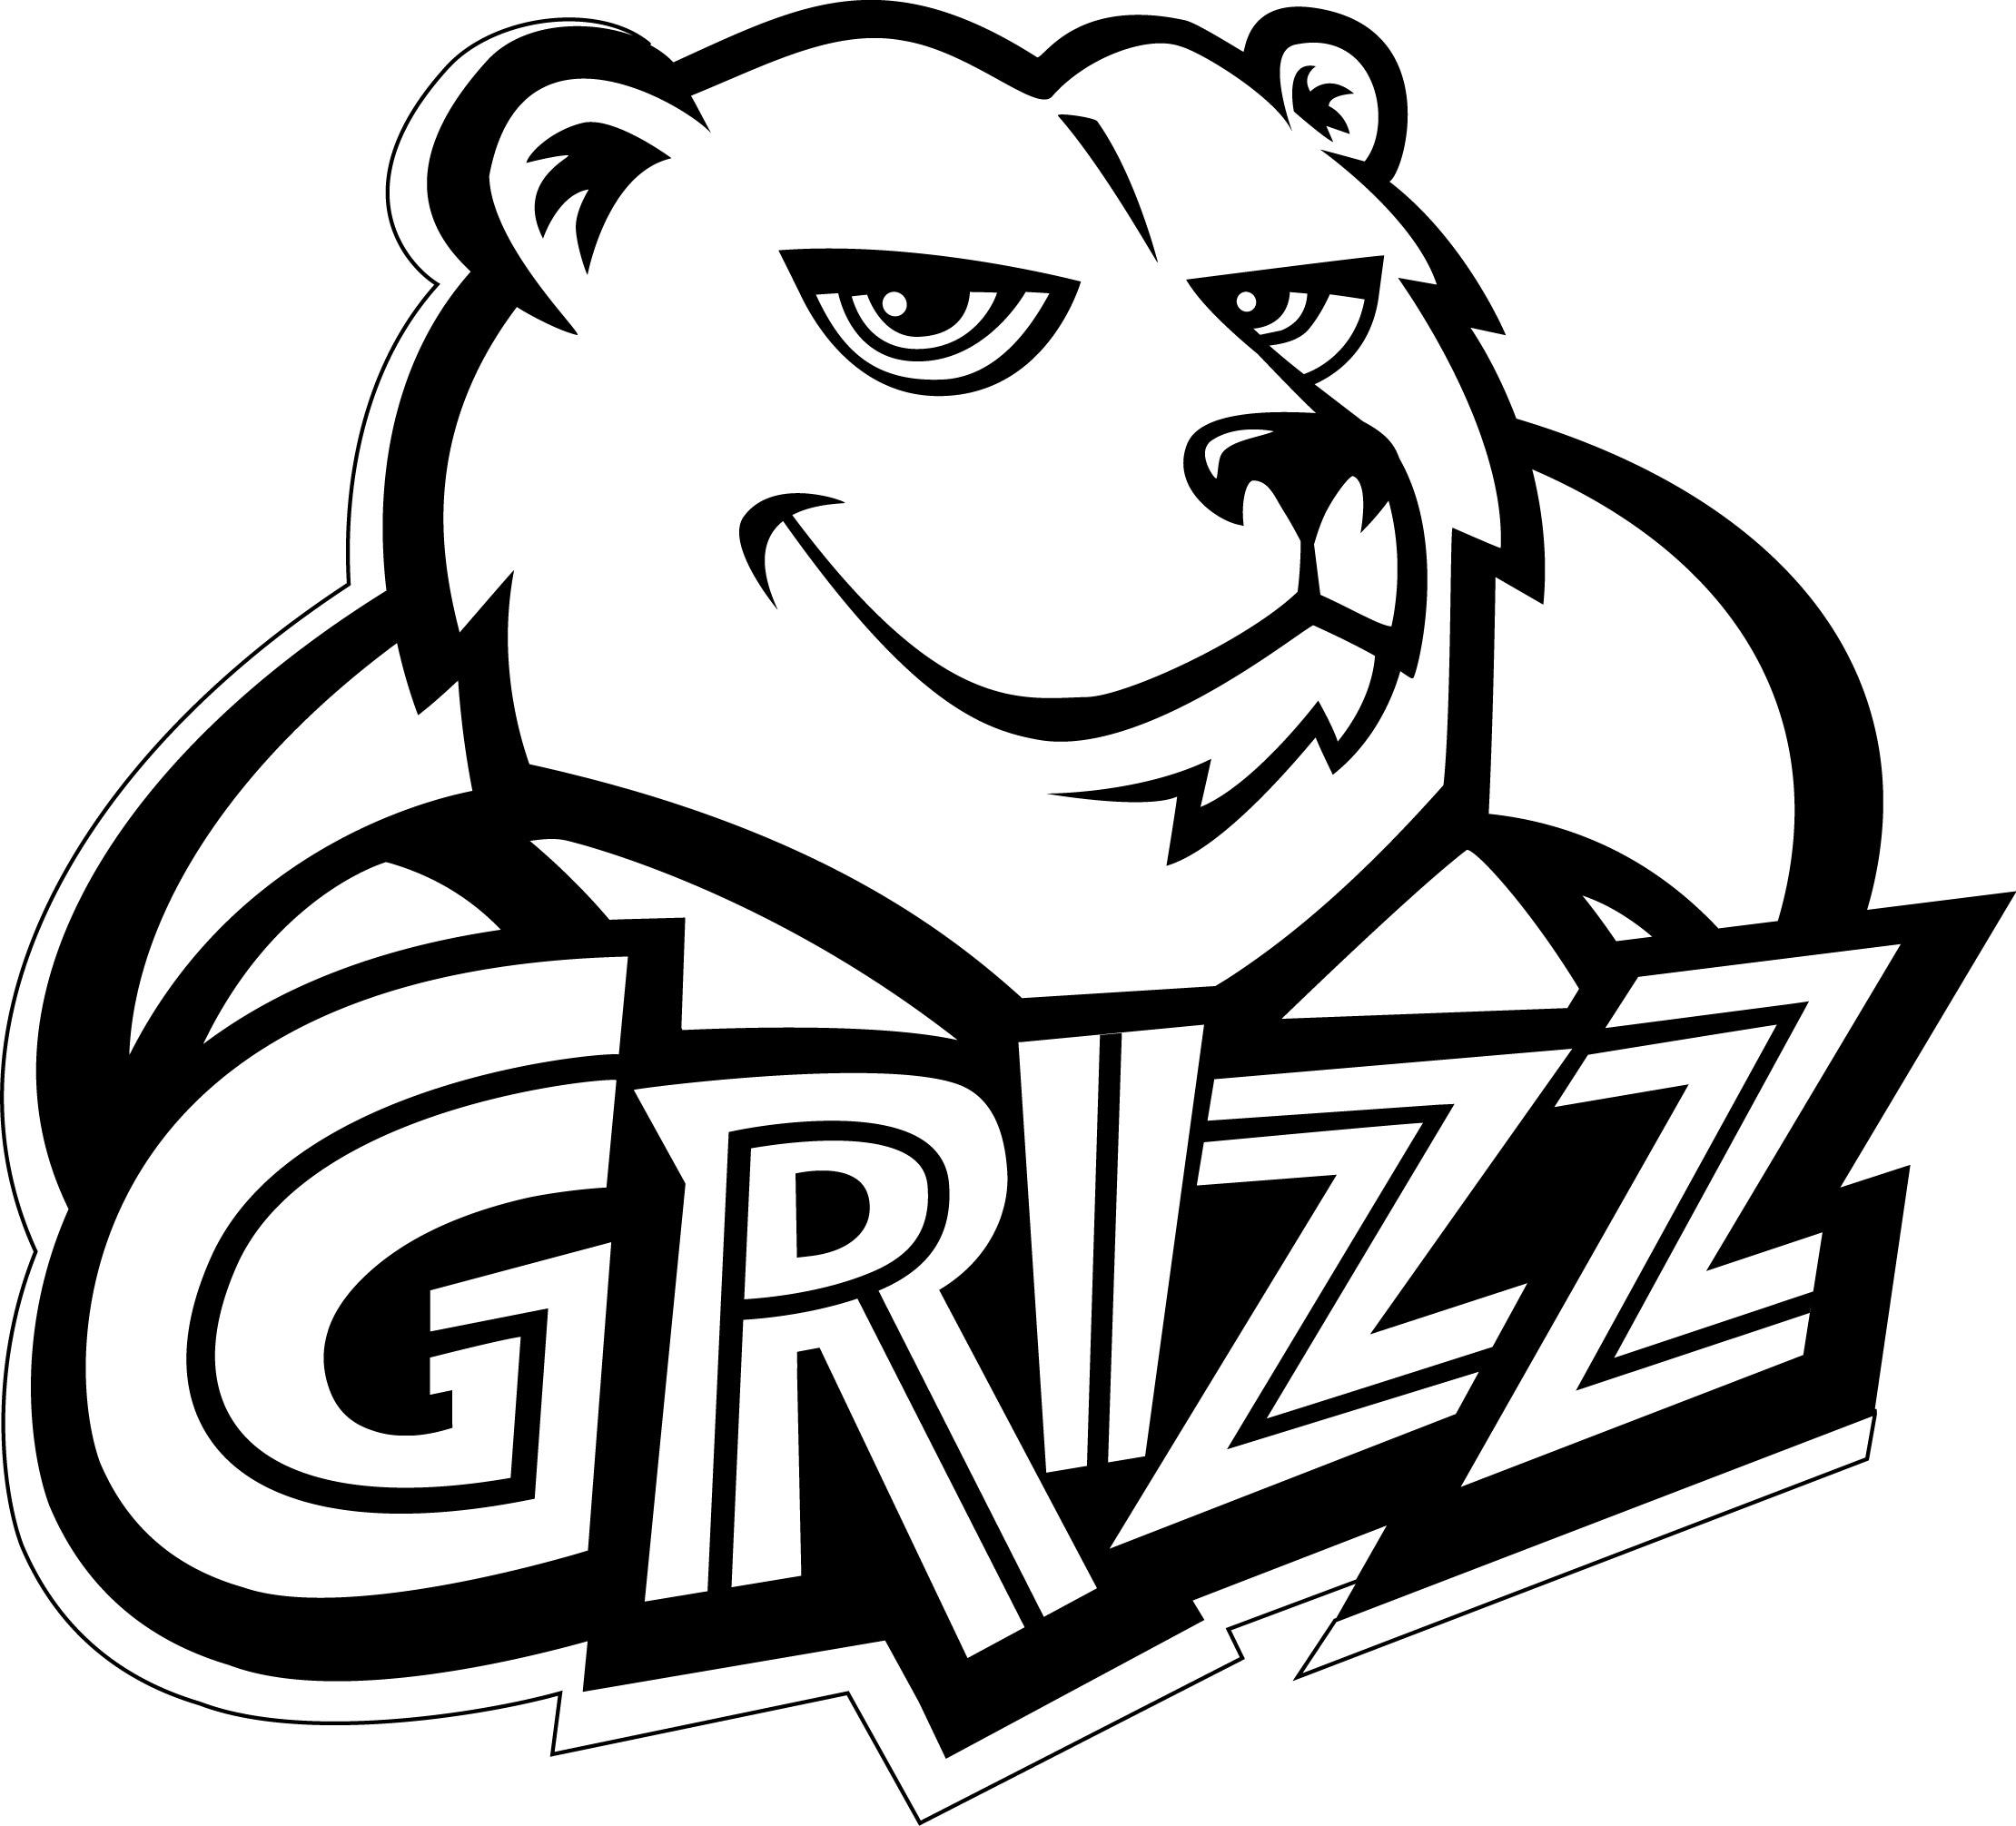 2220x2011 Grizz Memphis Grizzlies